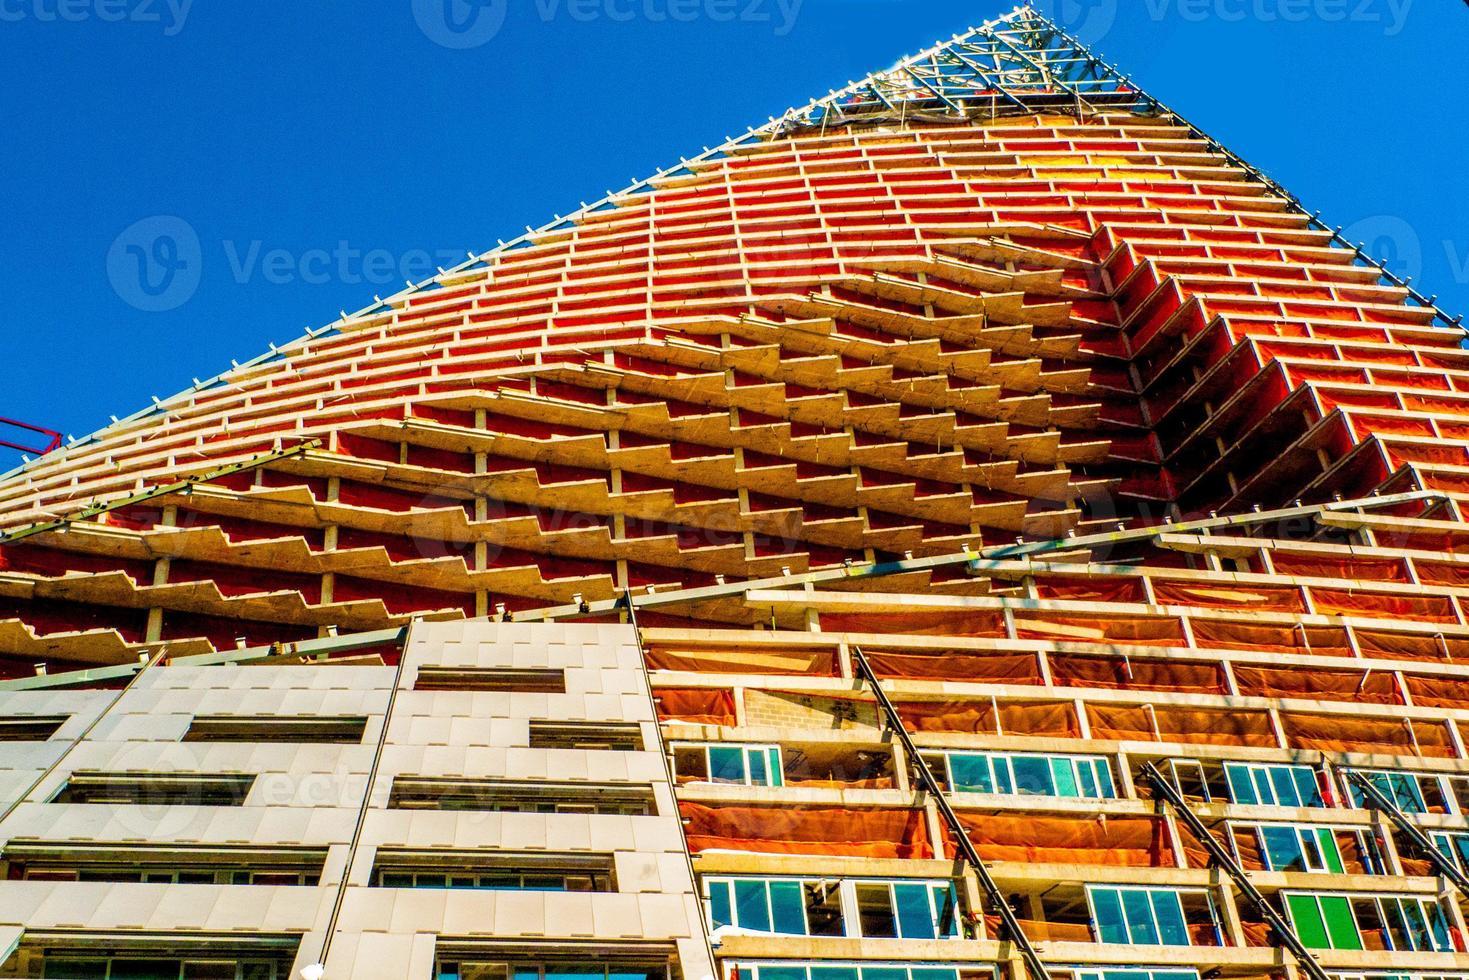 konstruktion av höghus, nyc, kranar foto